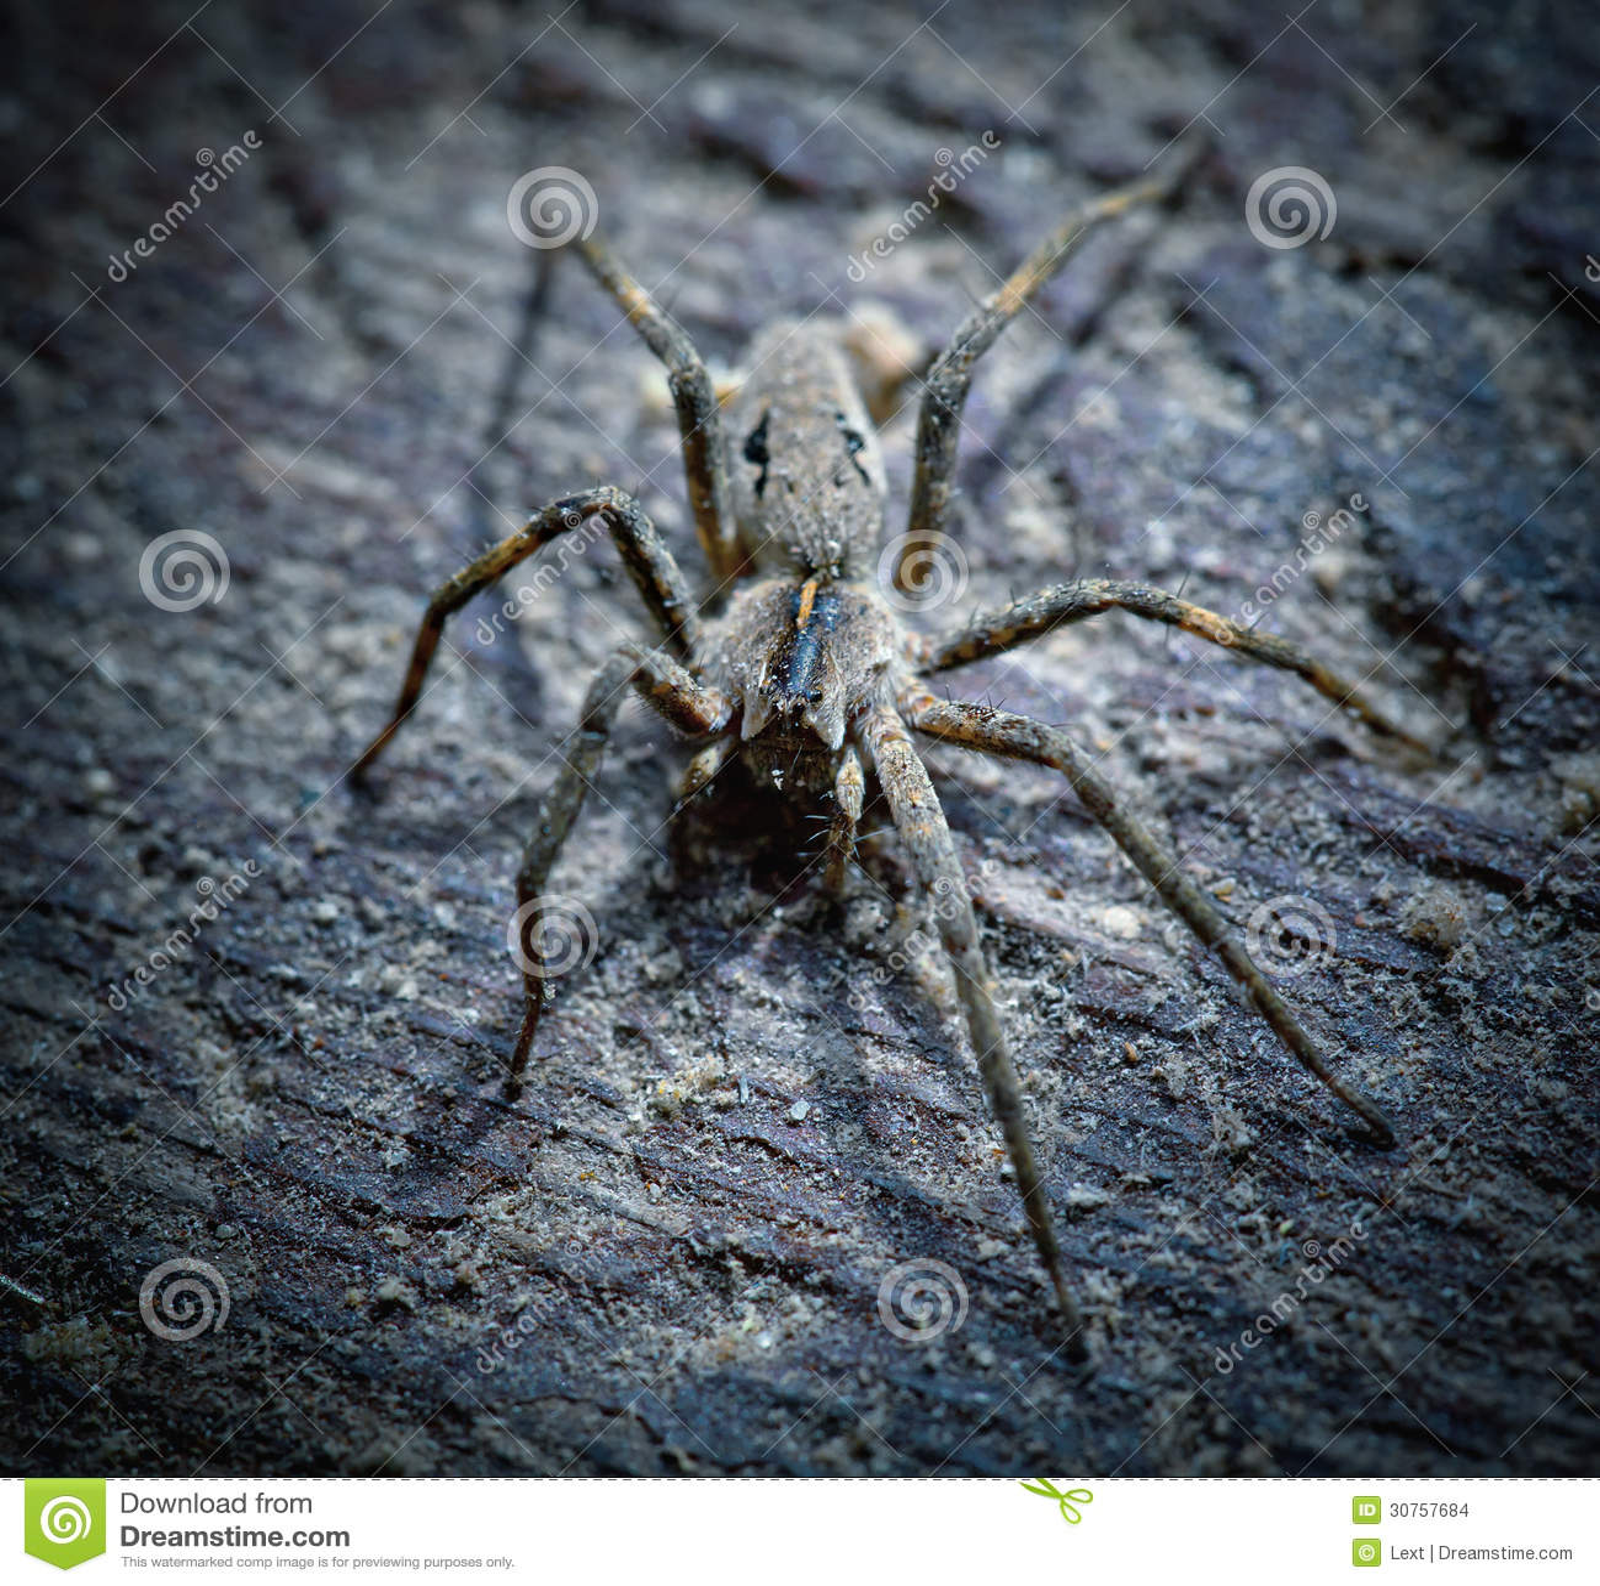 梦见大蜘蛛追我